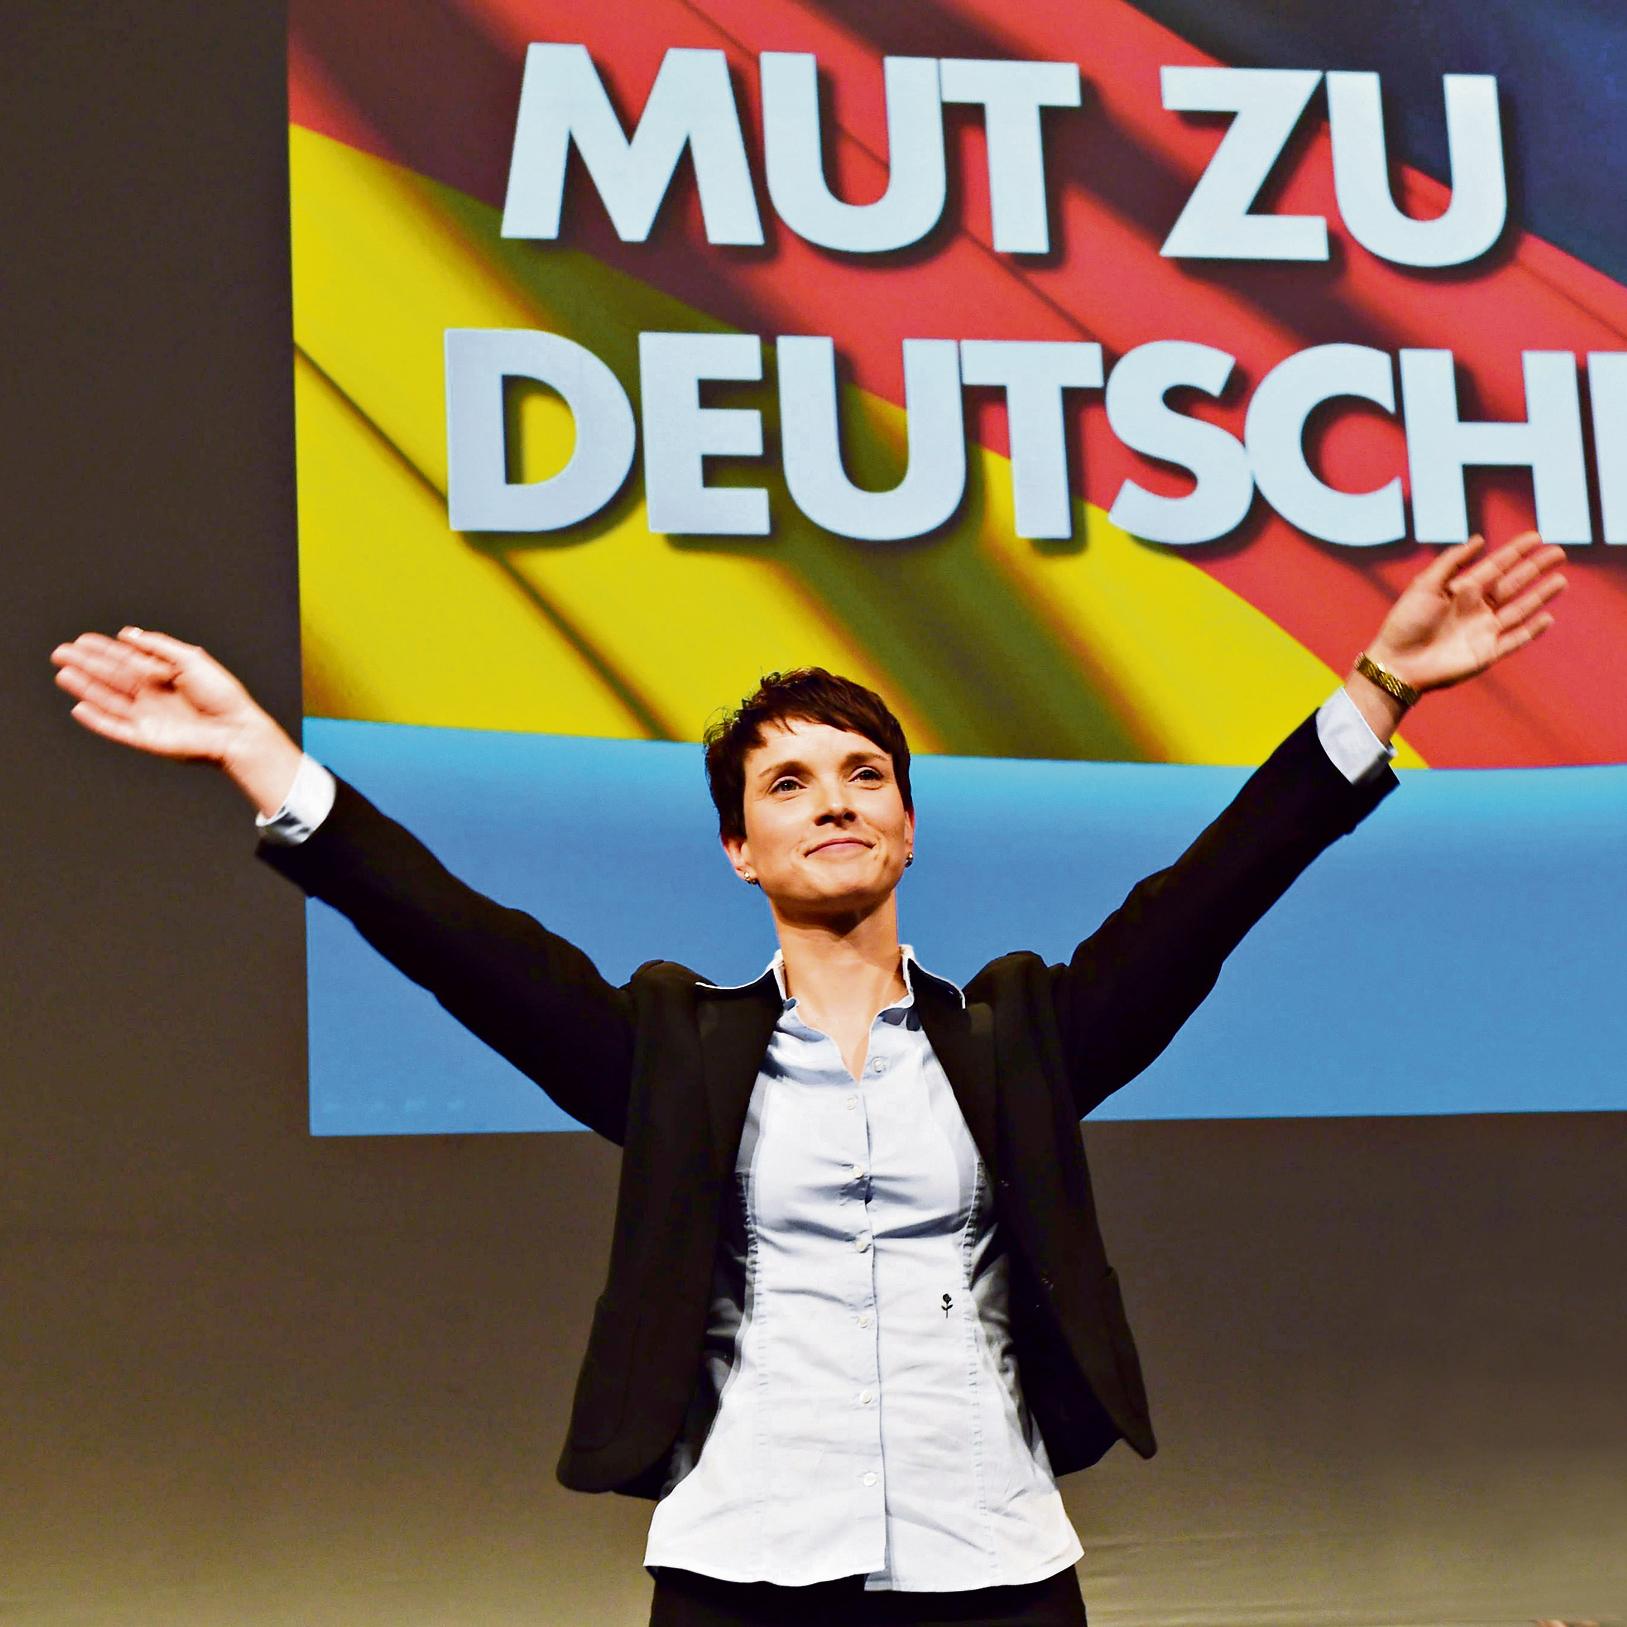 """פטרי בוועידת המפלגה. """"אנשים מפחדים להזדהות כימנים. ההאשמה בנאציות תמיד שם,  בכל רגע נתון בפוליטיקה הגרמנית. קשה לנהל ככה דיון ציבורי"""""""